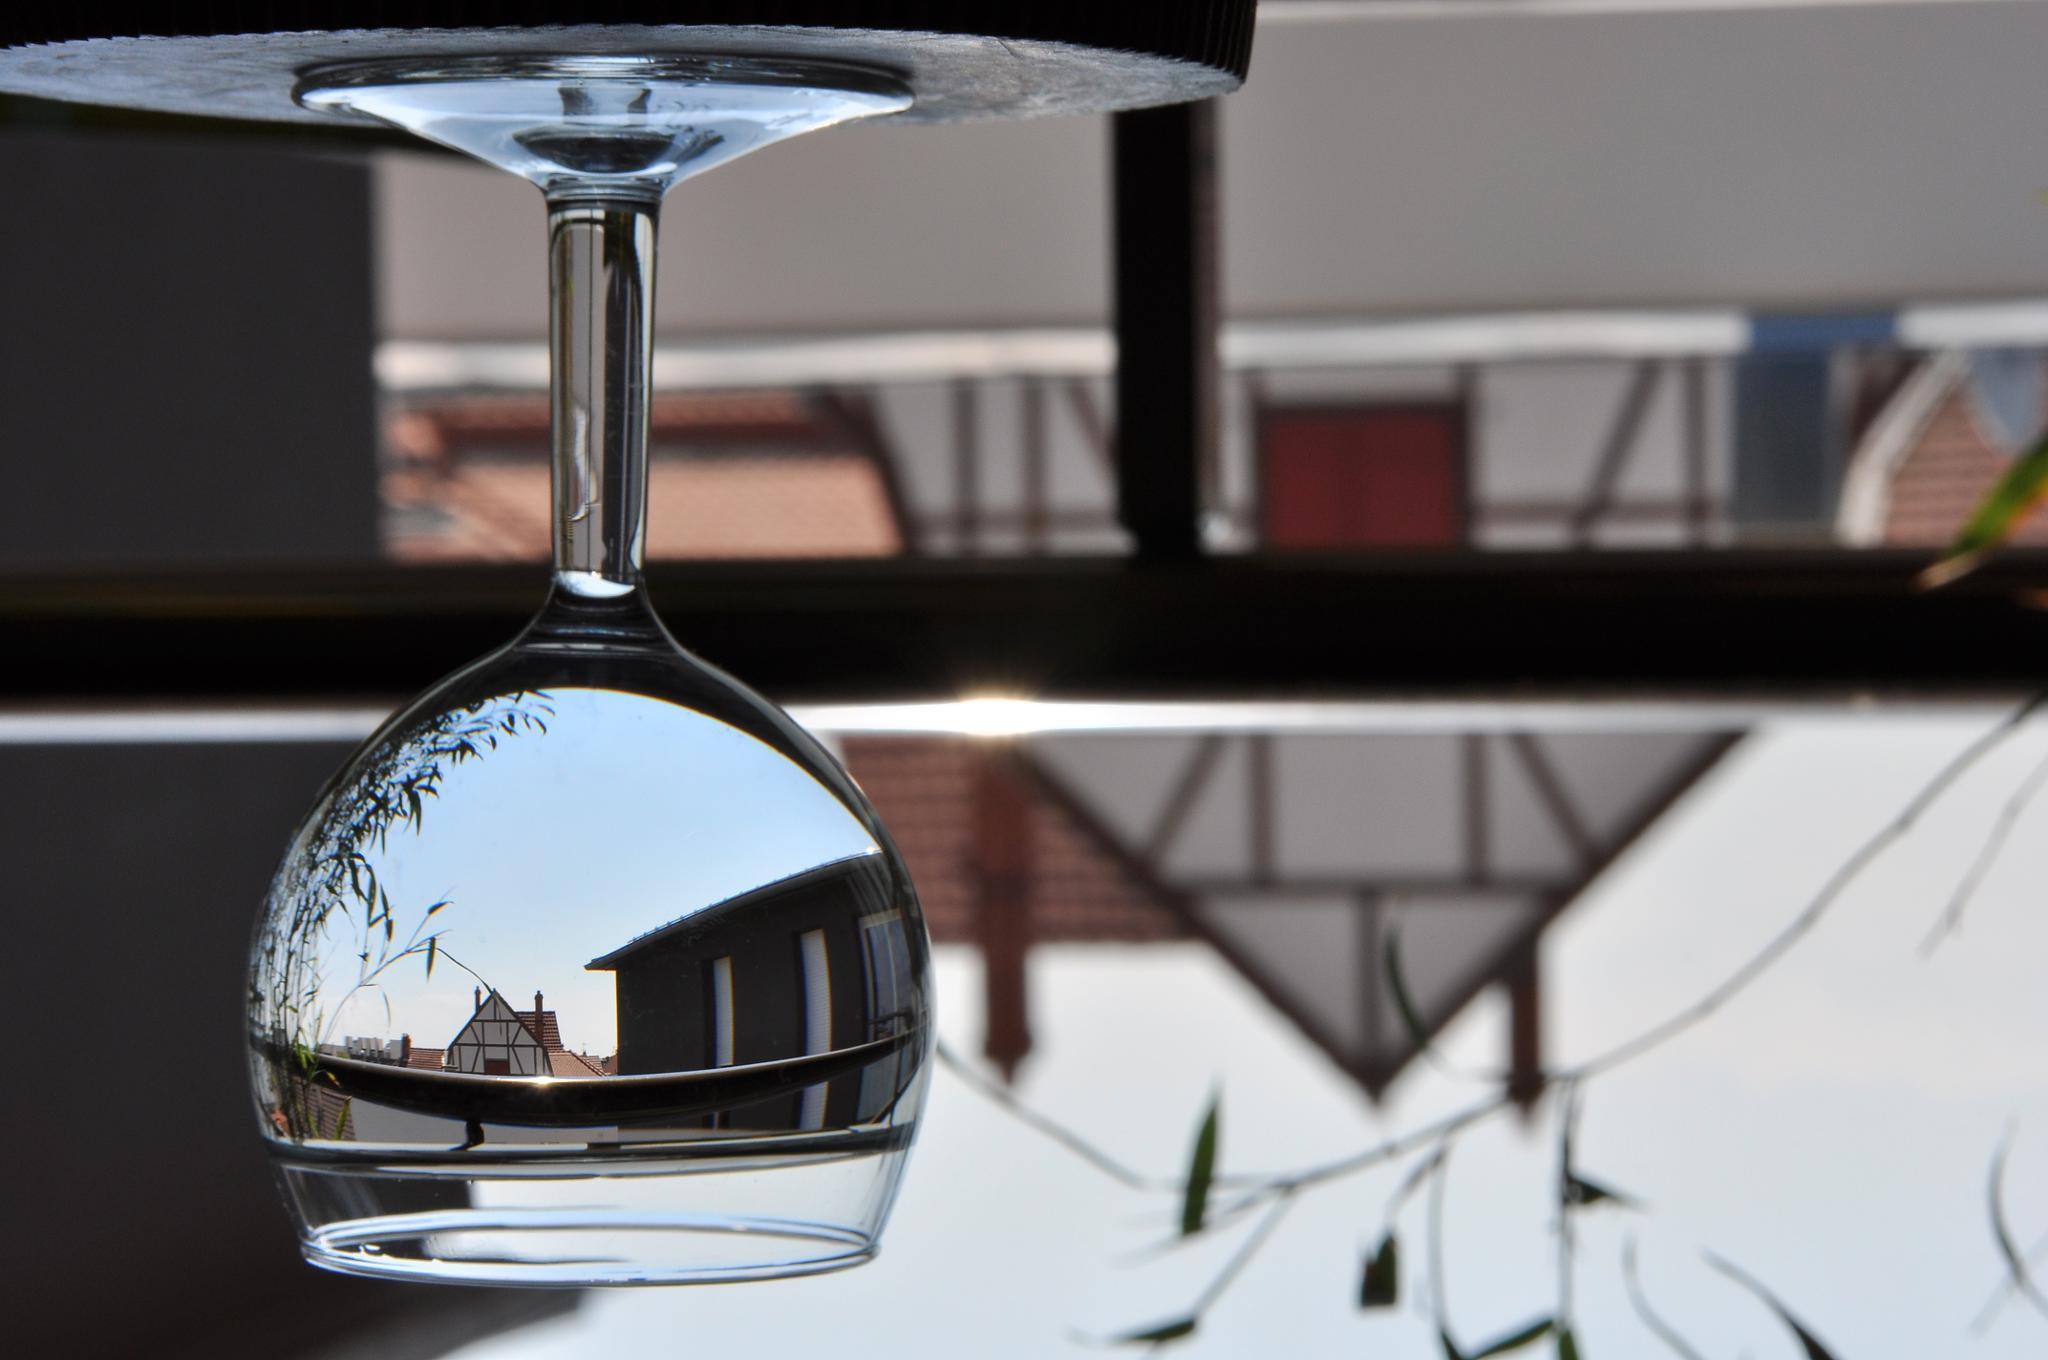 A l'en-verre by Jérôme Birling